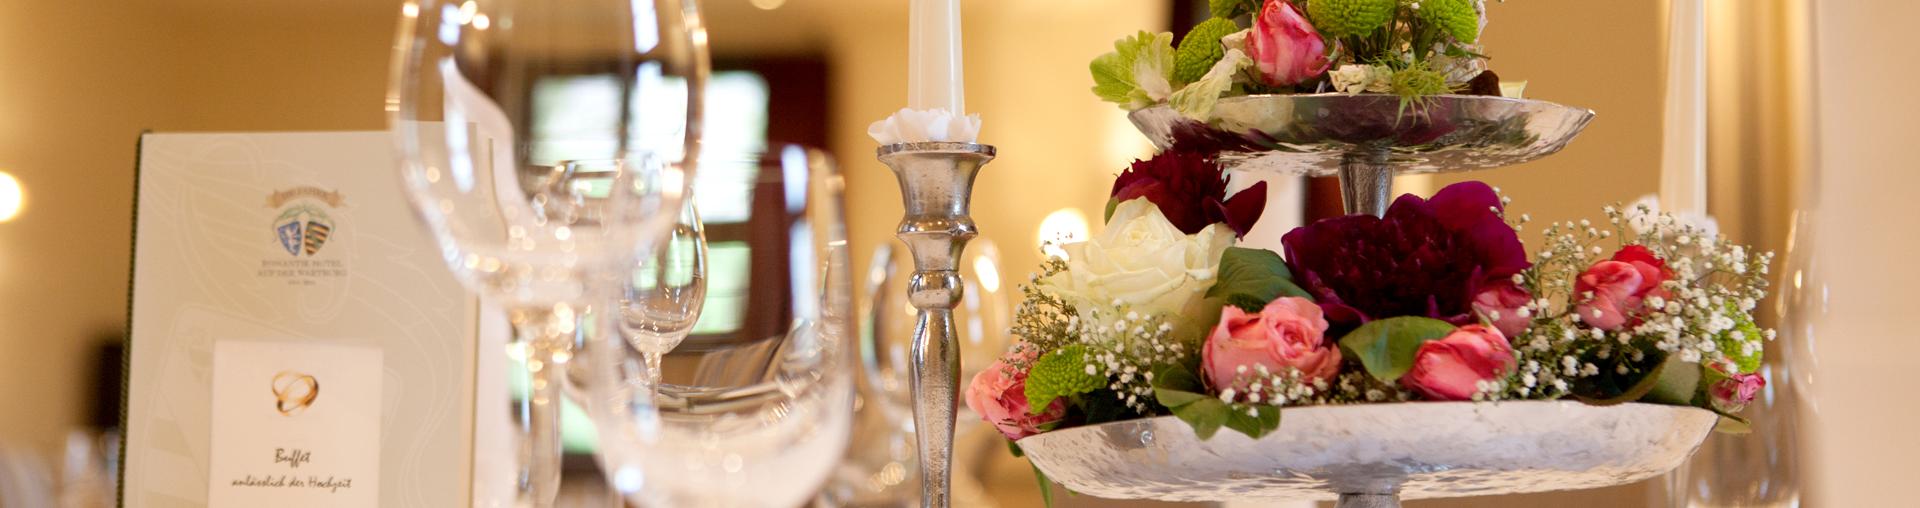 Bild zu Anfrage Hochzeit im Wartburghotel